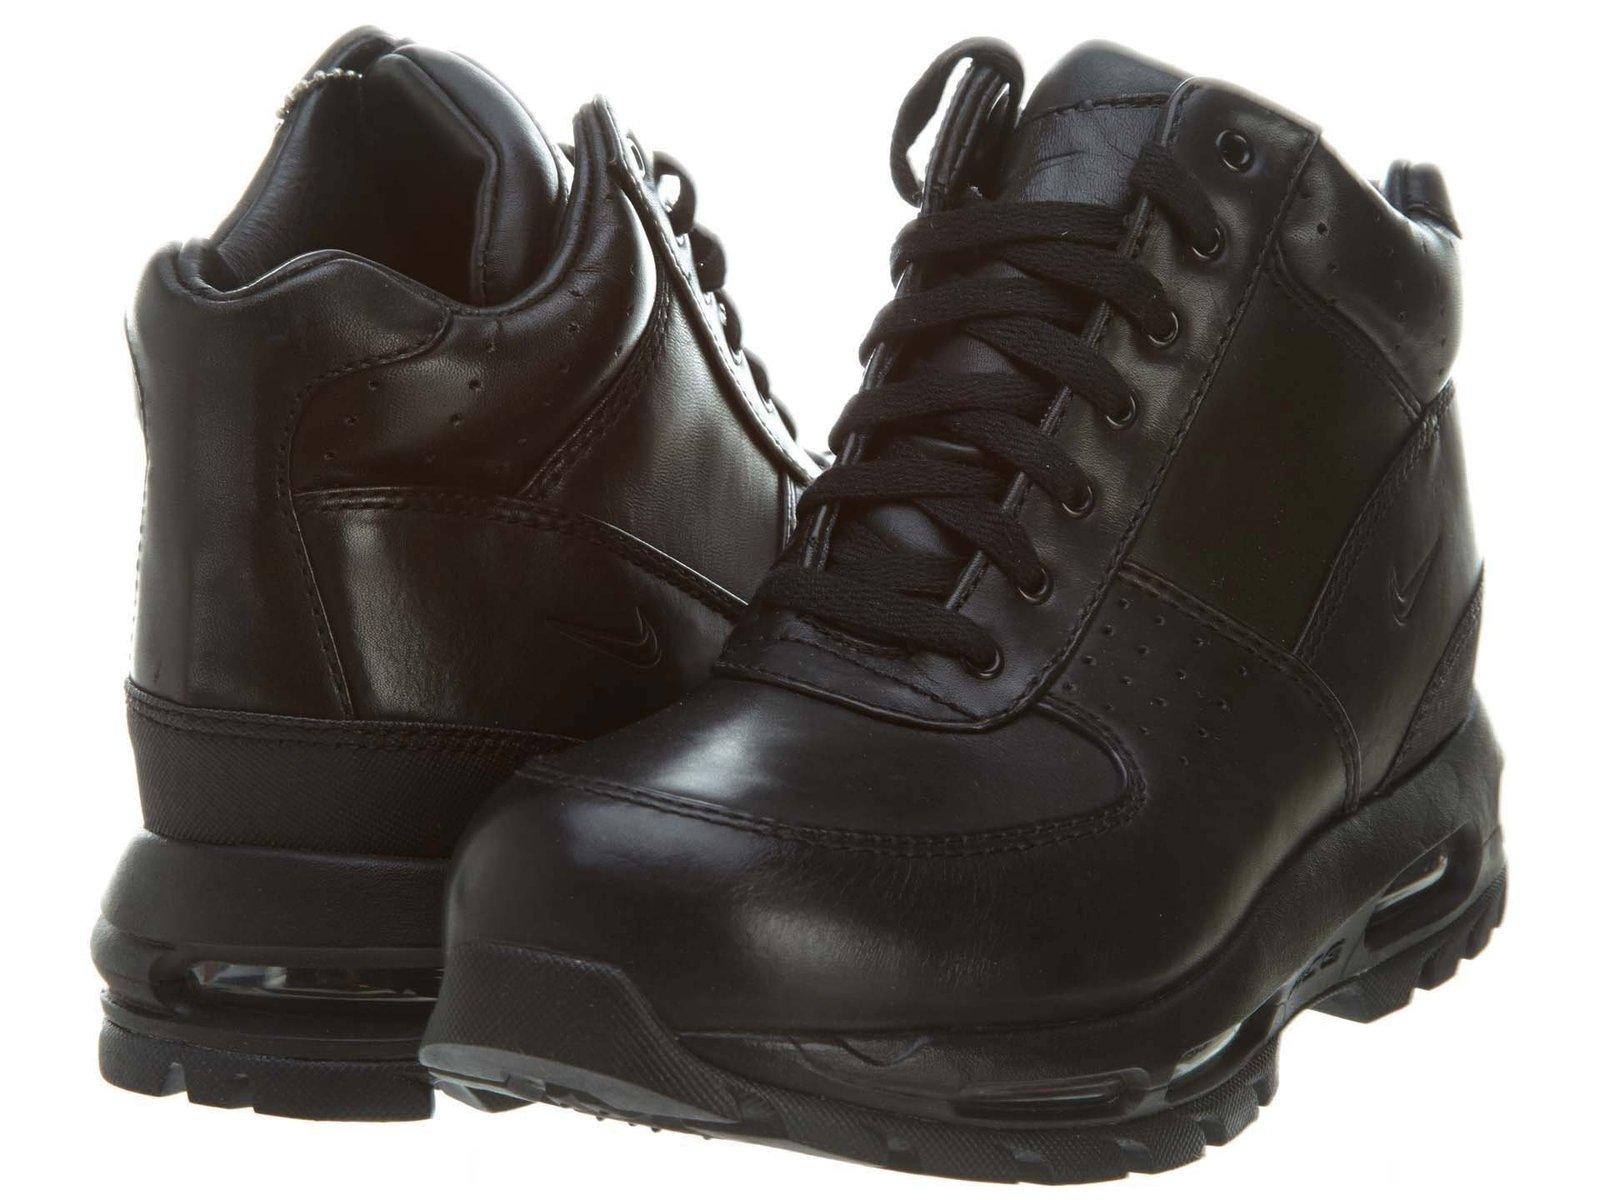 brown acg boots nike air max 90 america